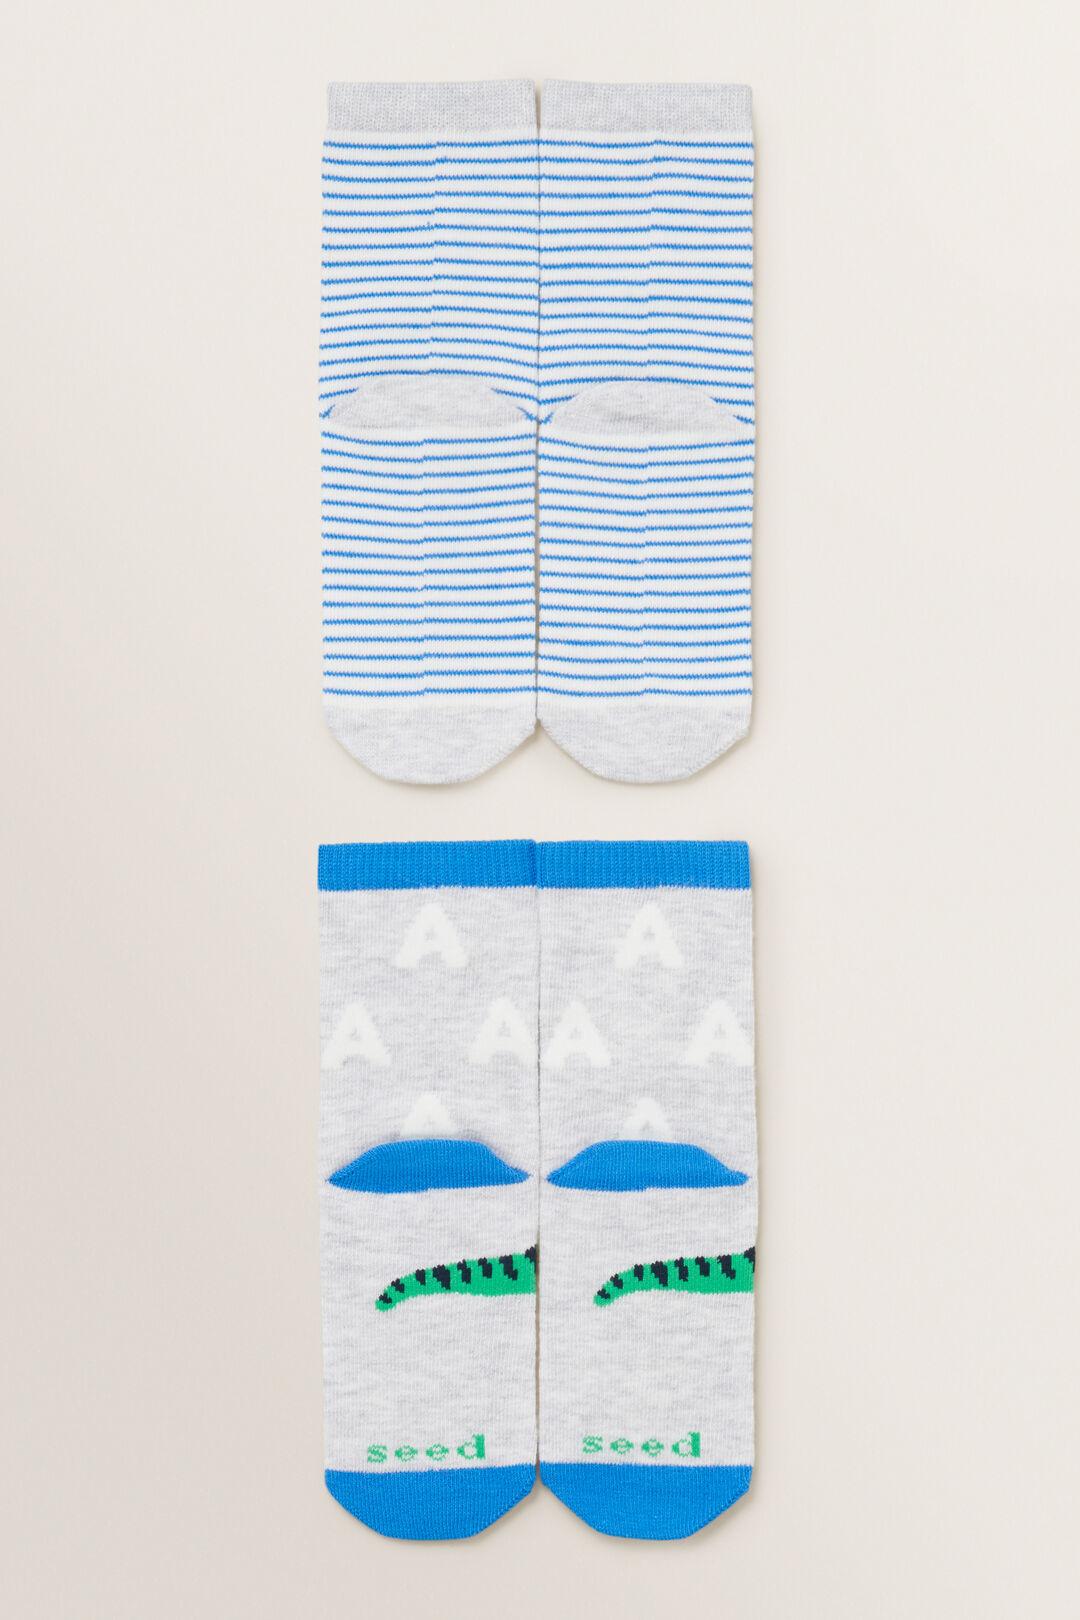 Dinosaur Initial Sock 2 Pack  A  hi-res